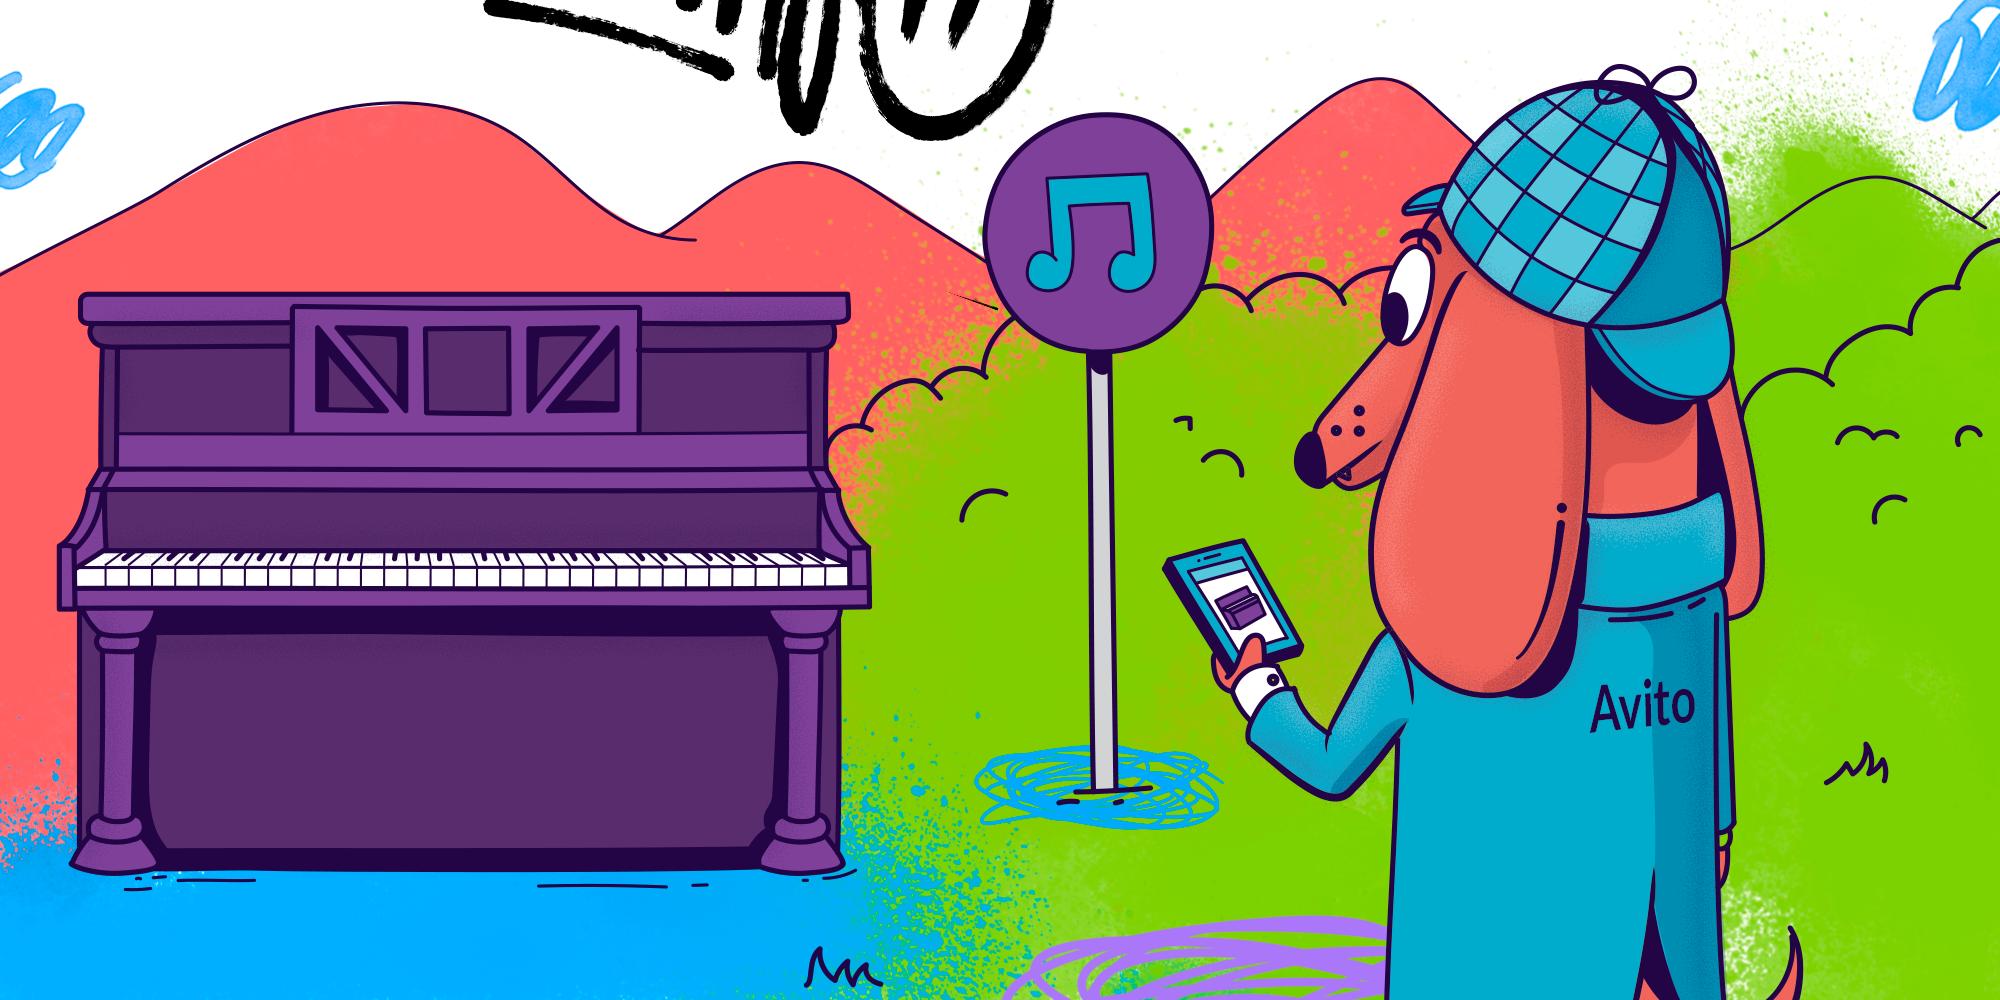 Эволюция поиска — как купить пианино в три клика